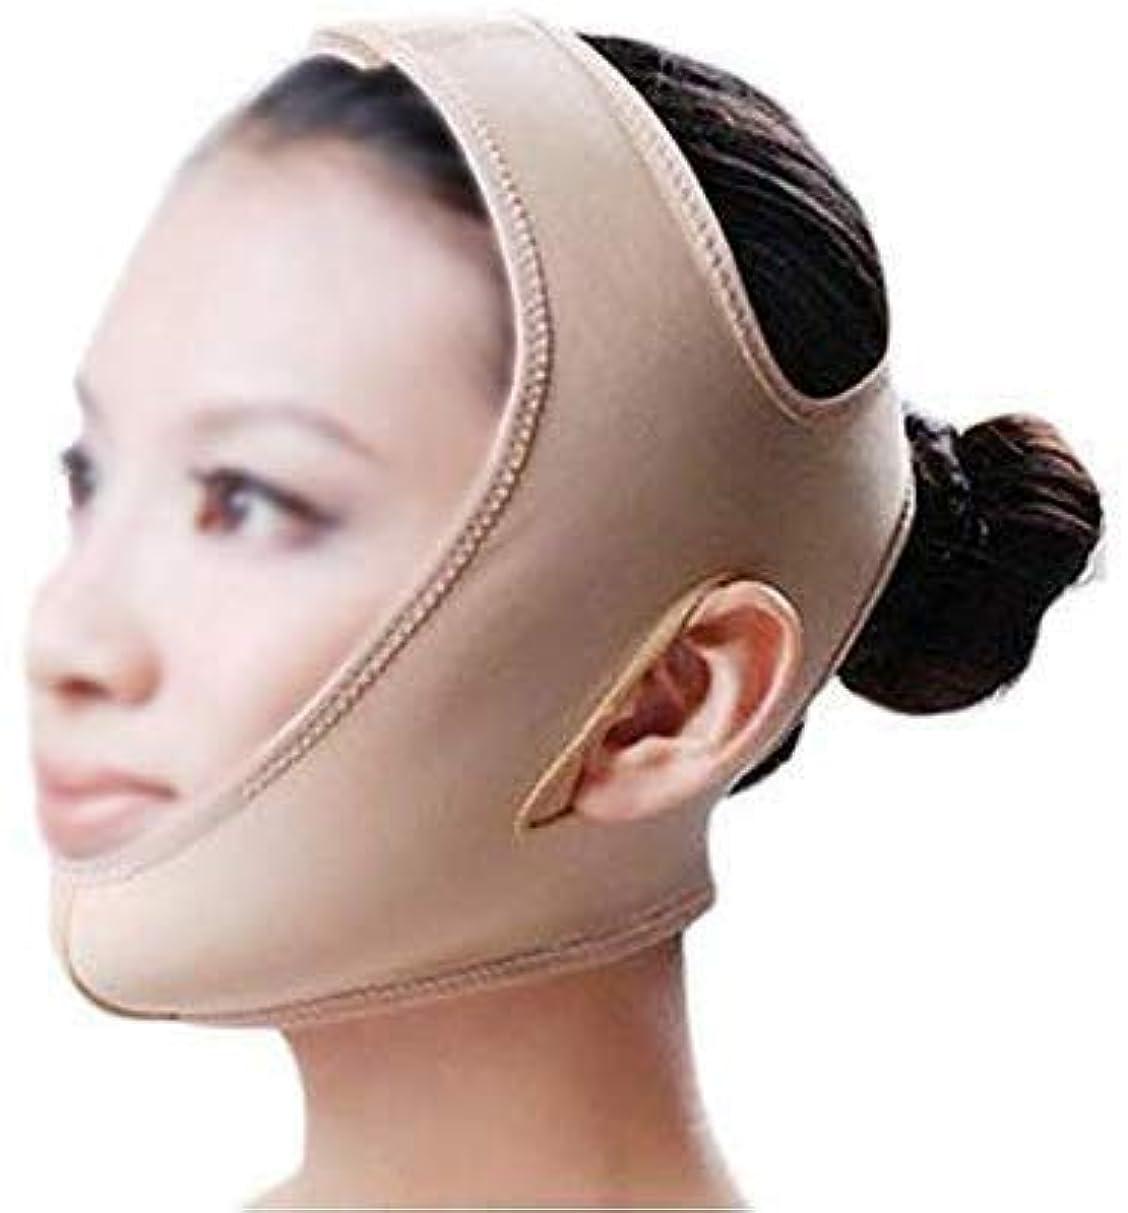 選出する熱帯の過言美容と実用的な引き締めフェイスマスク、マスクフェイシャルマスク美容薬フェイスマスク美容V顔包帯ライン彫刻リフティング引き締め引き締めダブルチンマスク(サイズ:S)